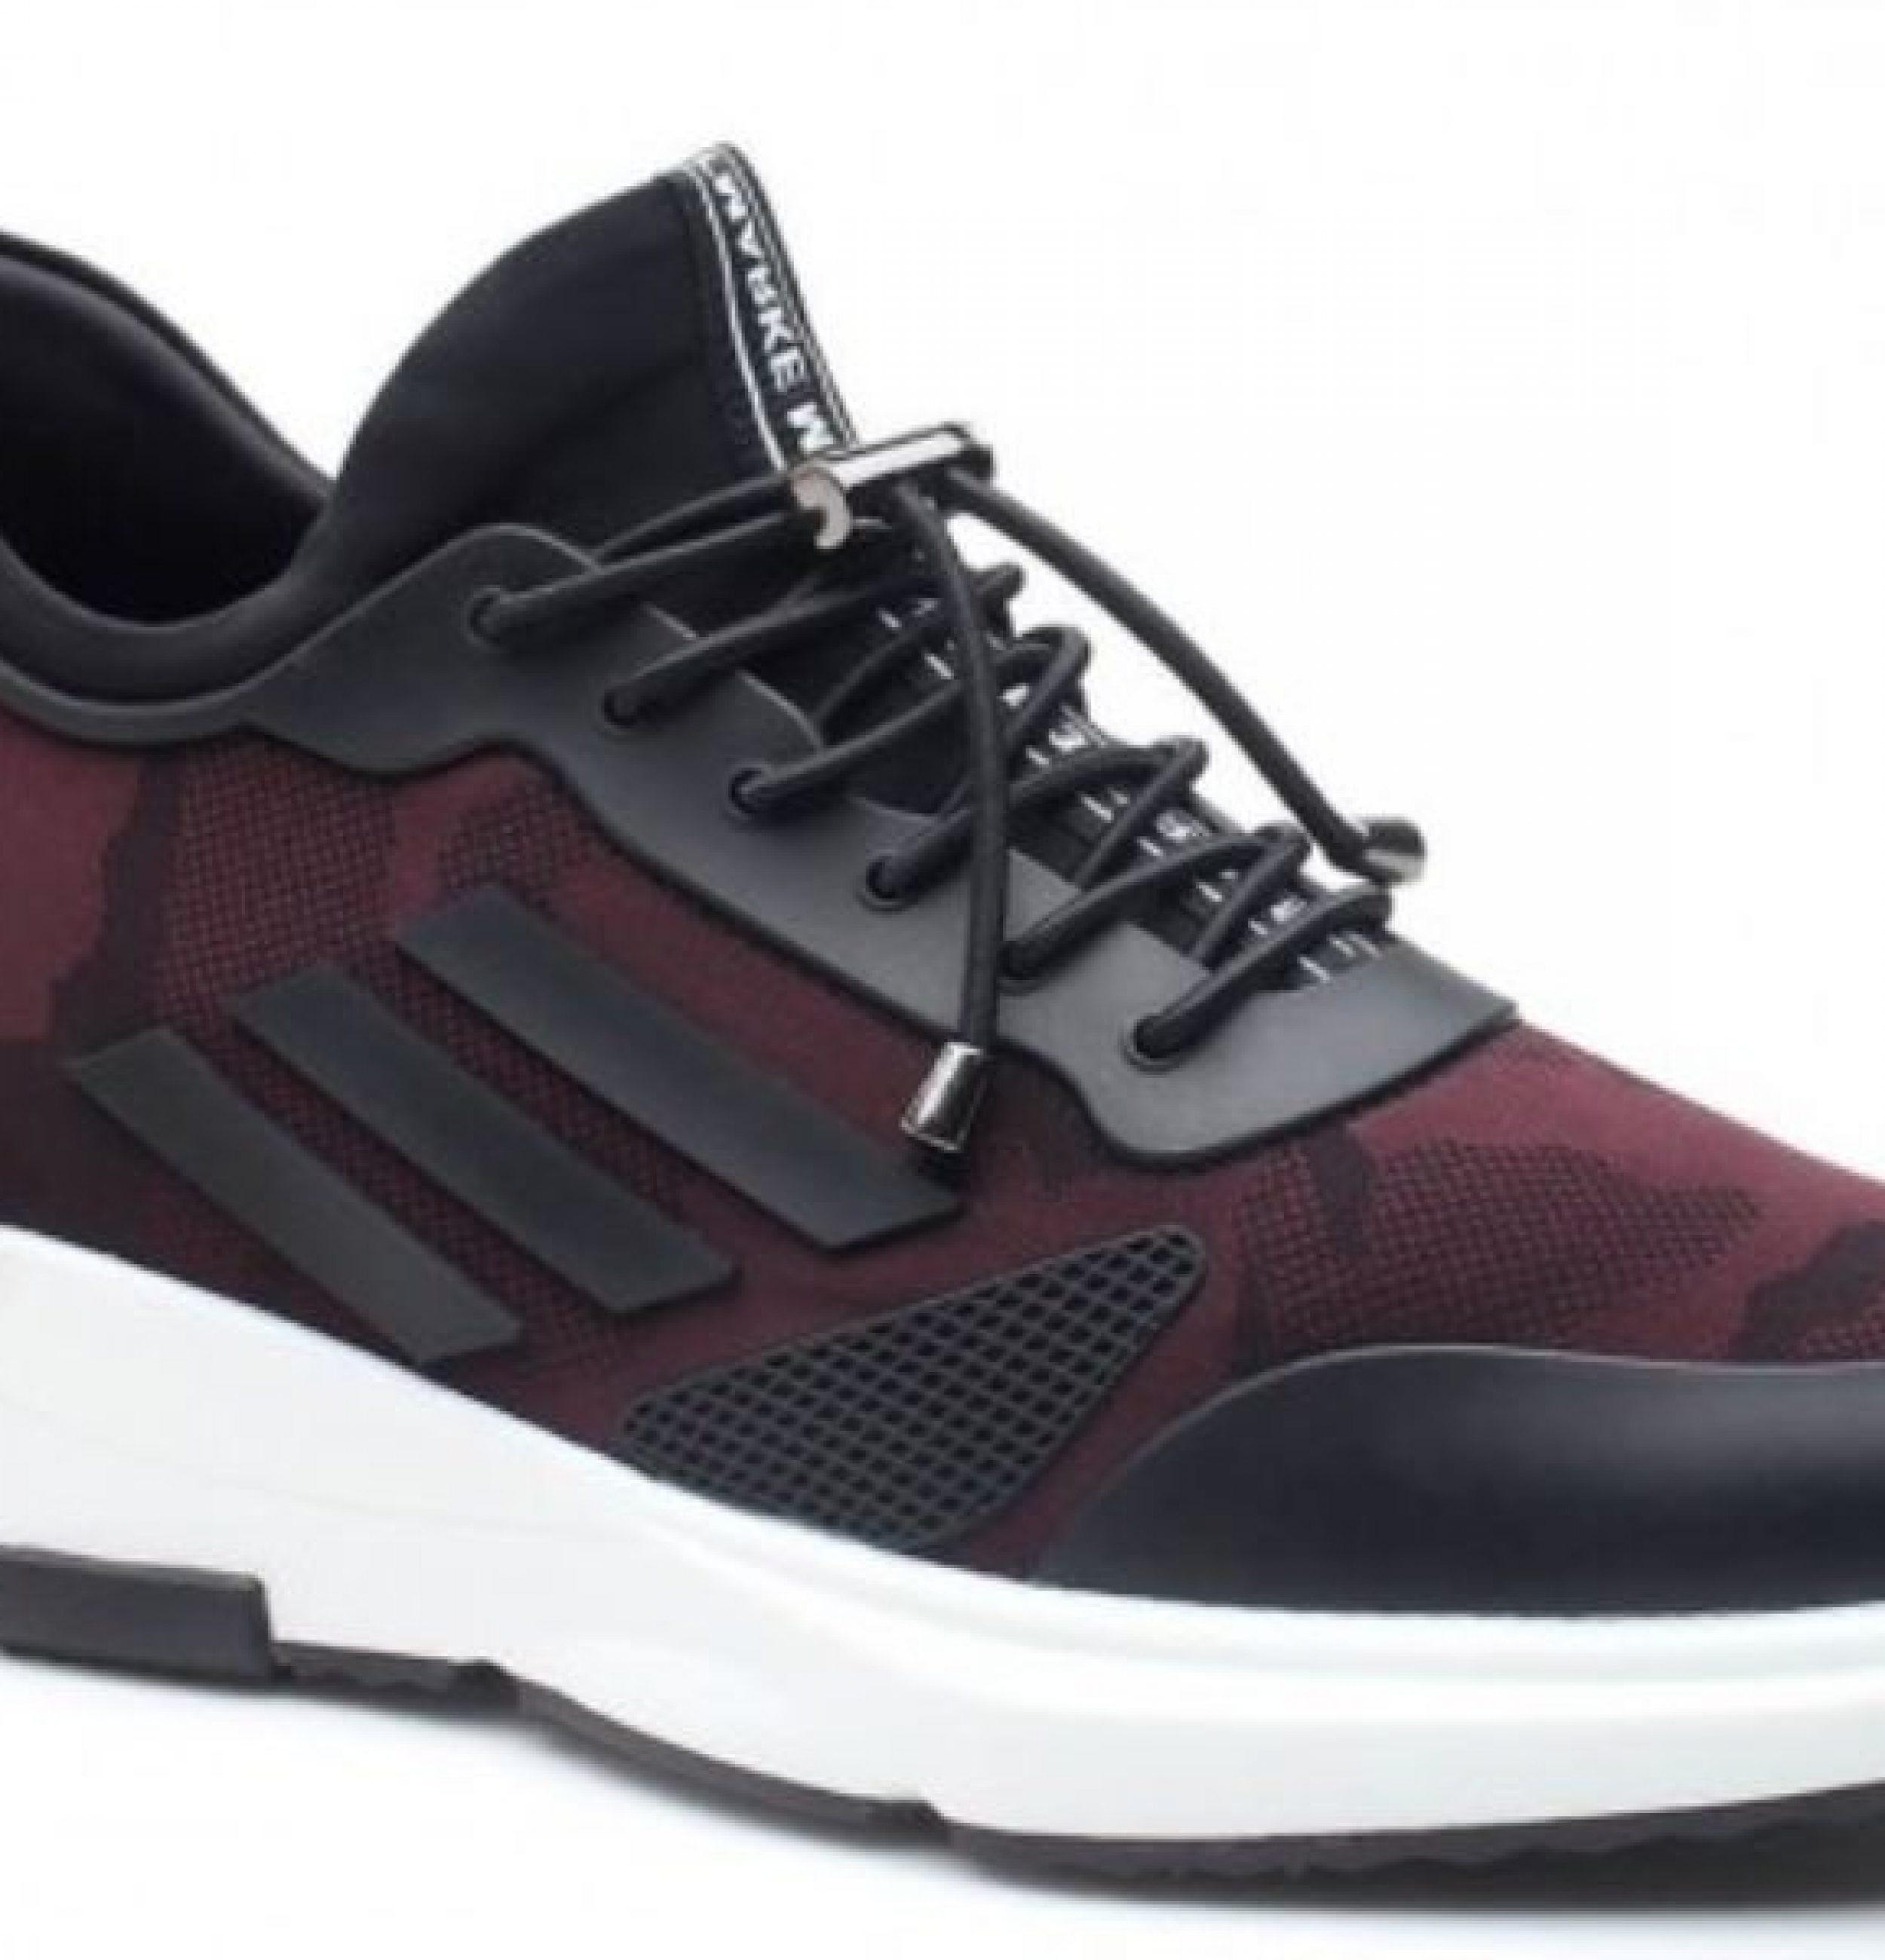 5 dicas de como comprar sapatos online